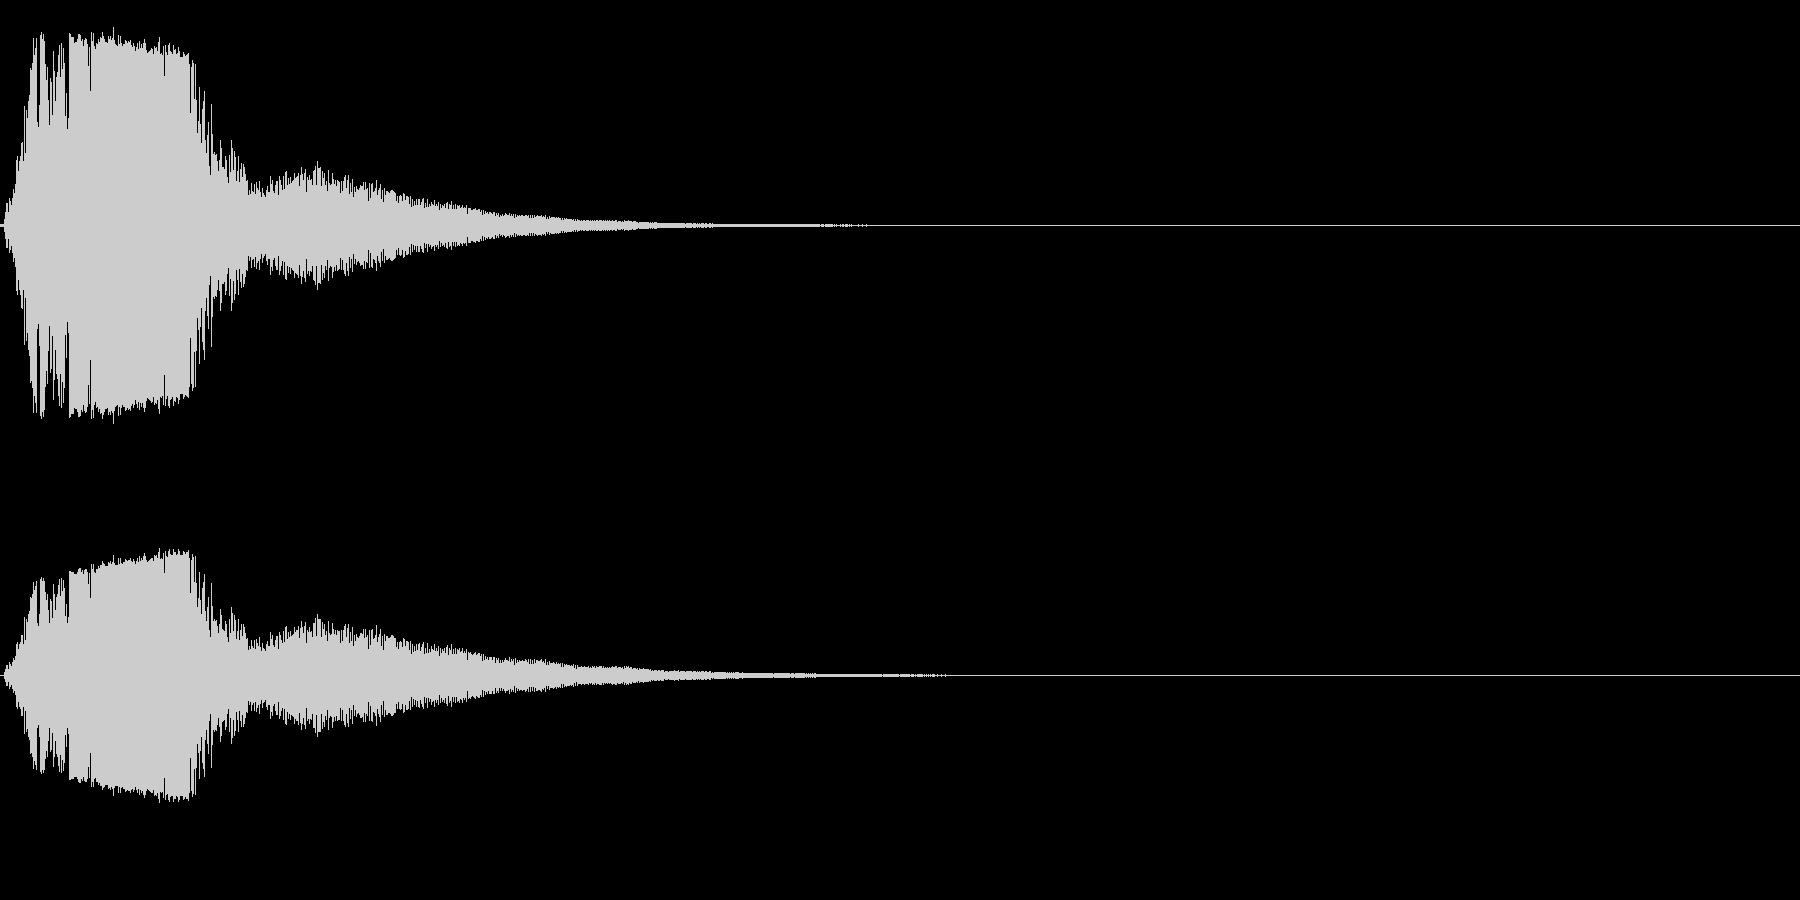 シャキーン! 剣や刀の抜刀音 03の未再生の波形